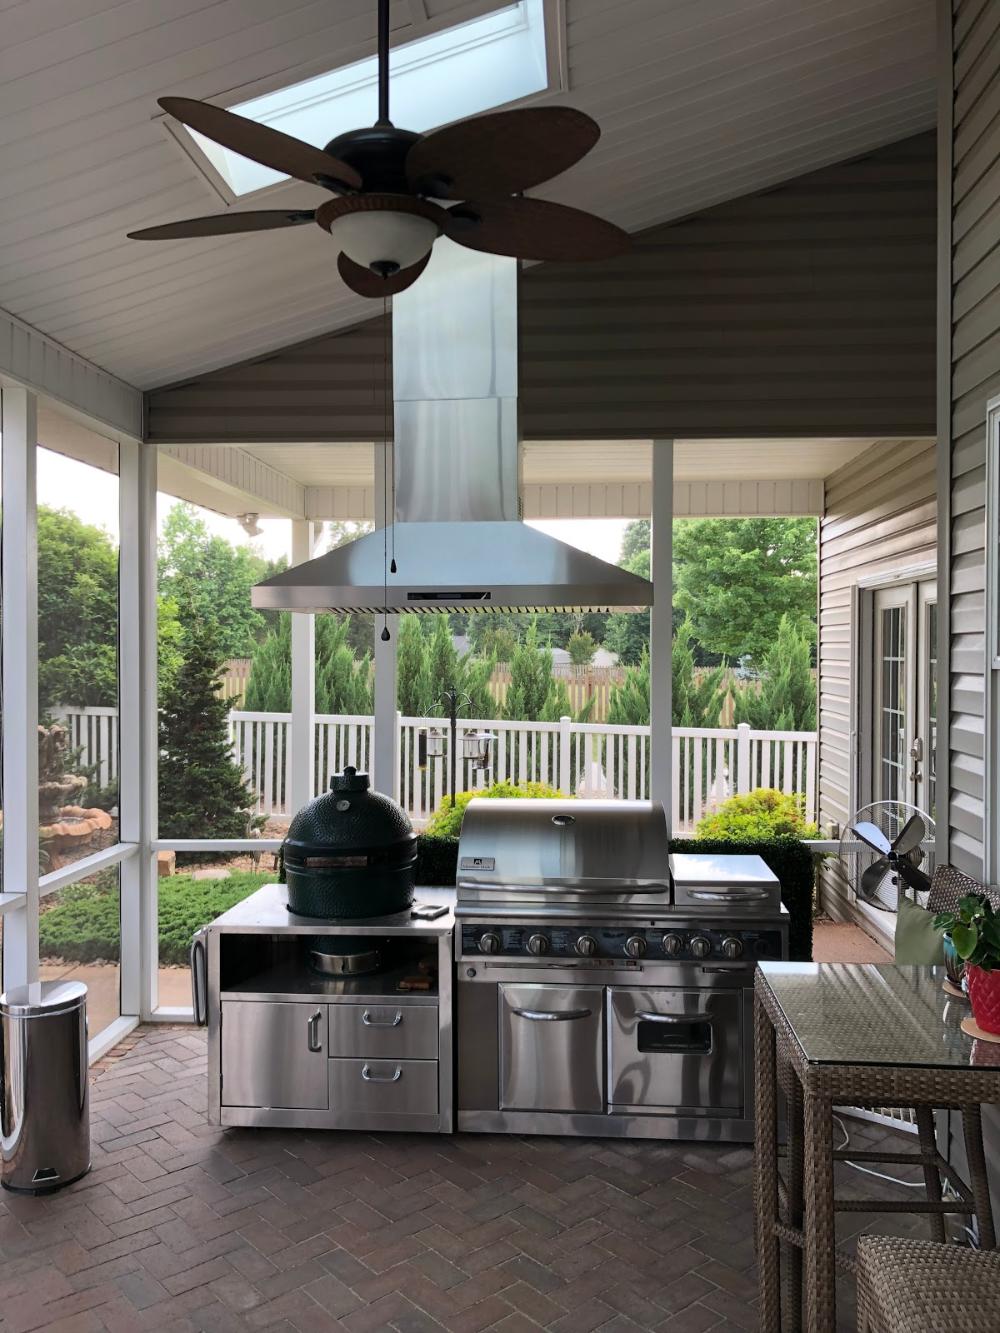 Proline Range Hoods Reviews Outdoor Kitchen Bars Outdoor Kitchen Outdoor Kitchen Island